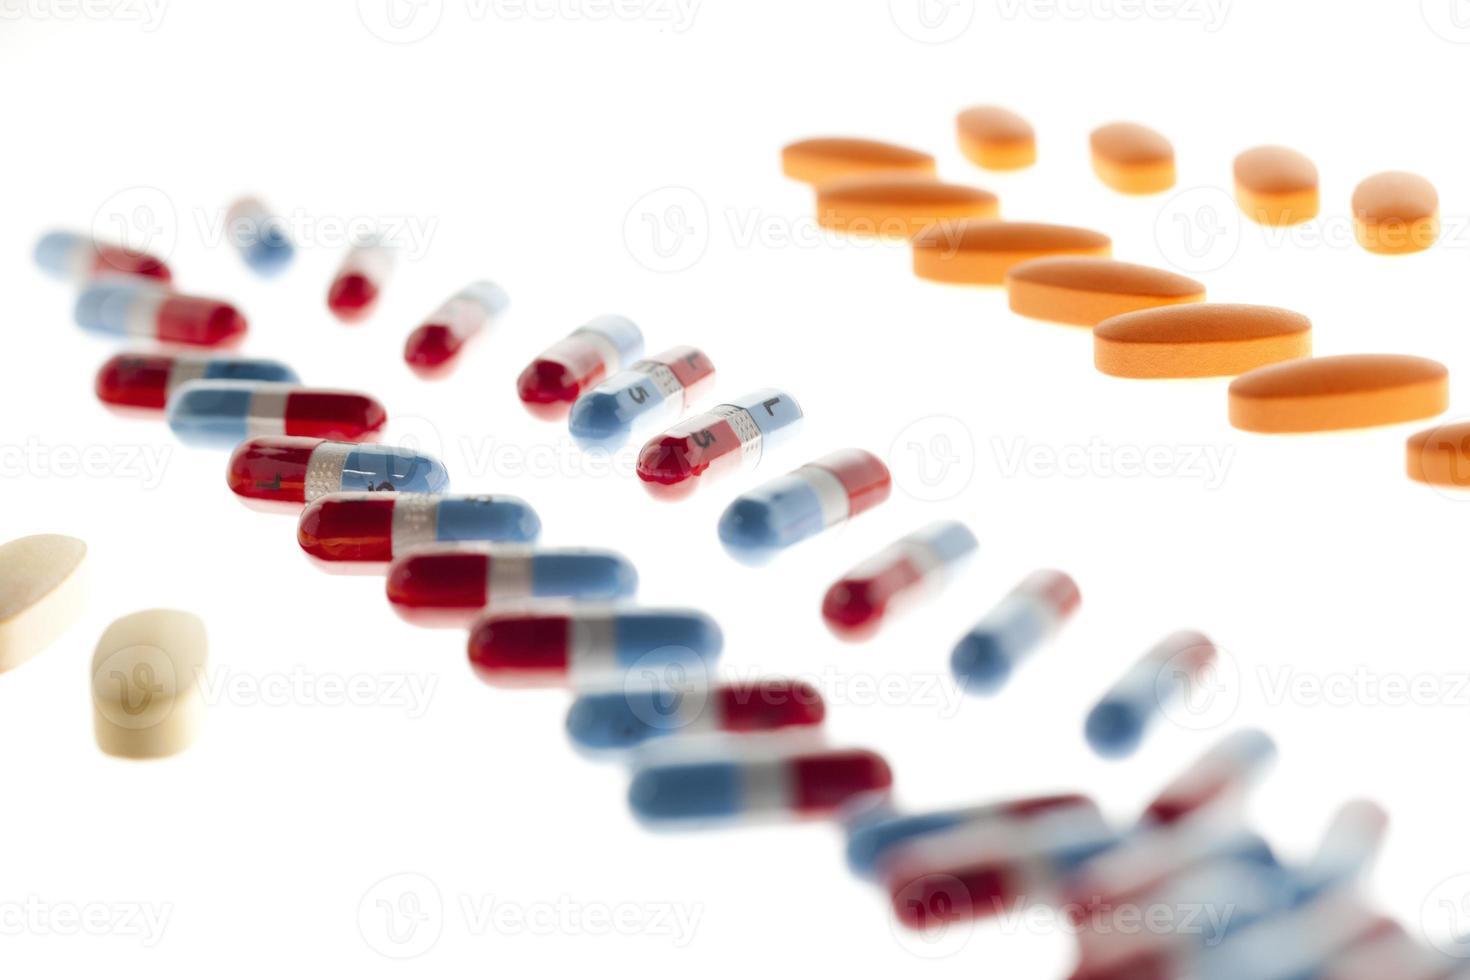 medicamentos prescritos foto